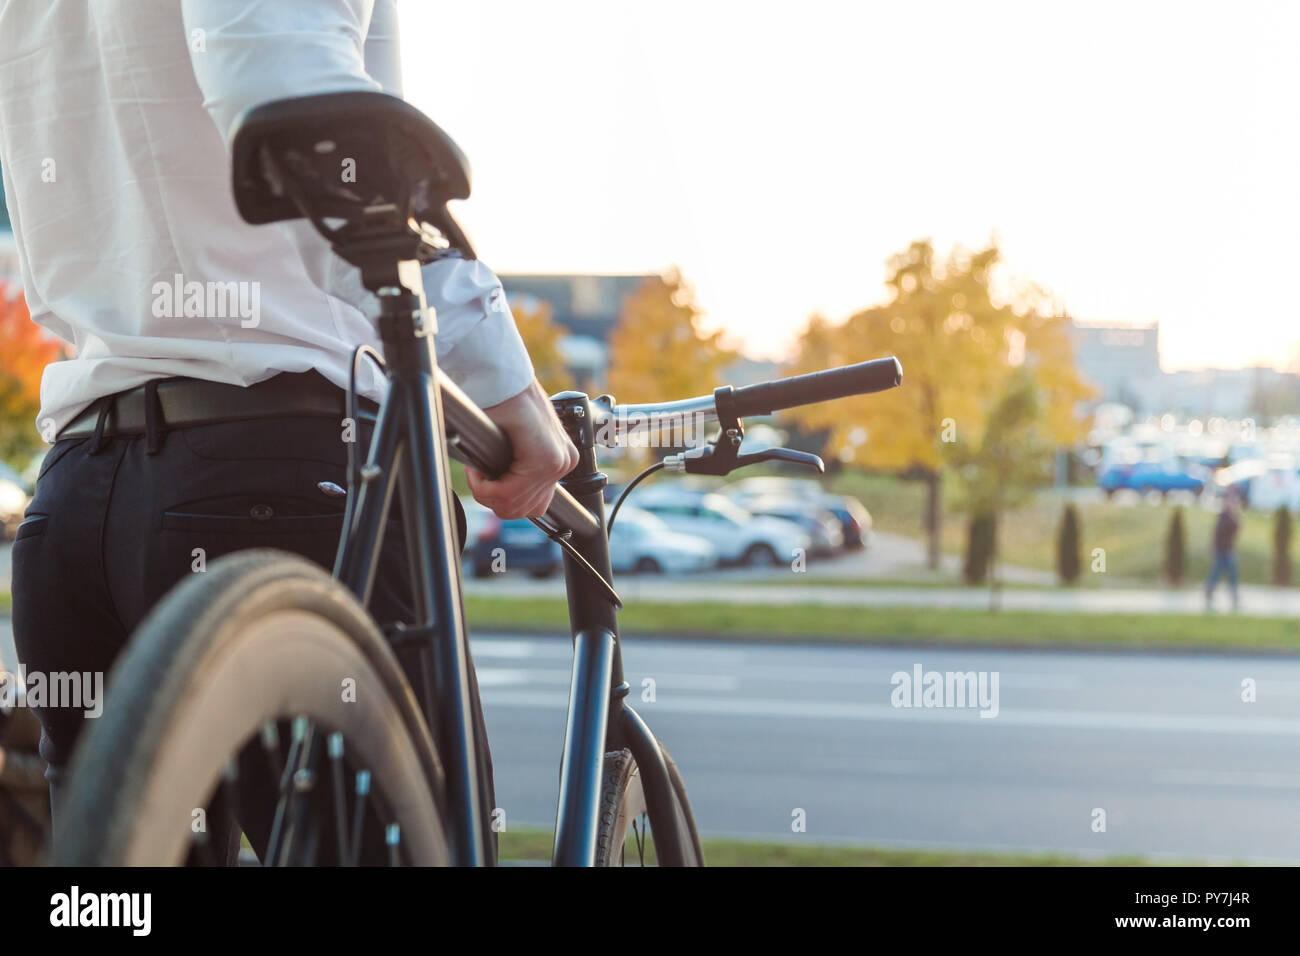 Imprenditore su una bicicletta. Uomo d'affari lasciando il suo lavoro. Dal retro. Foto Stock